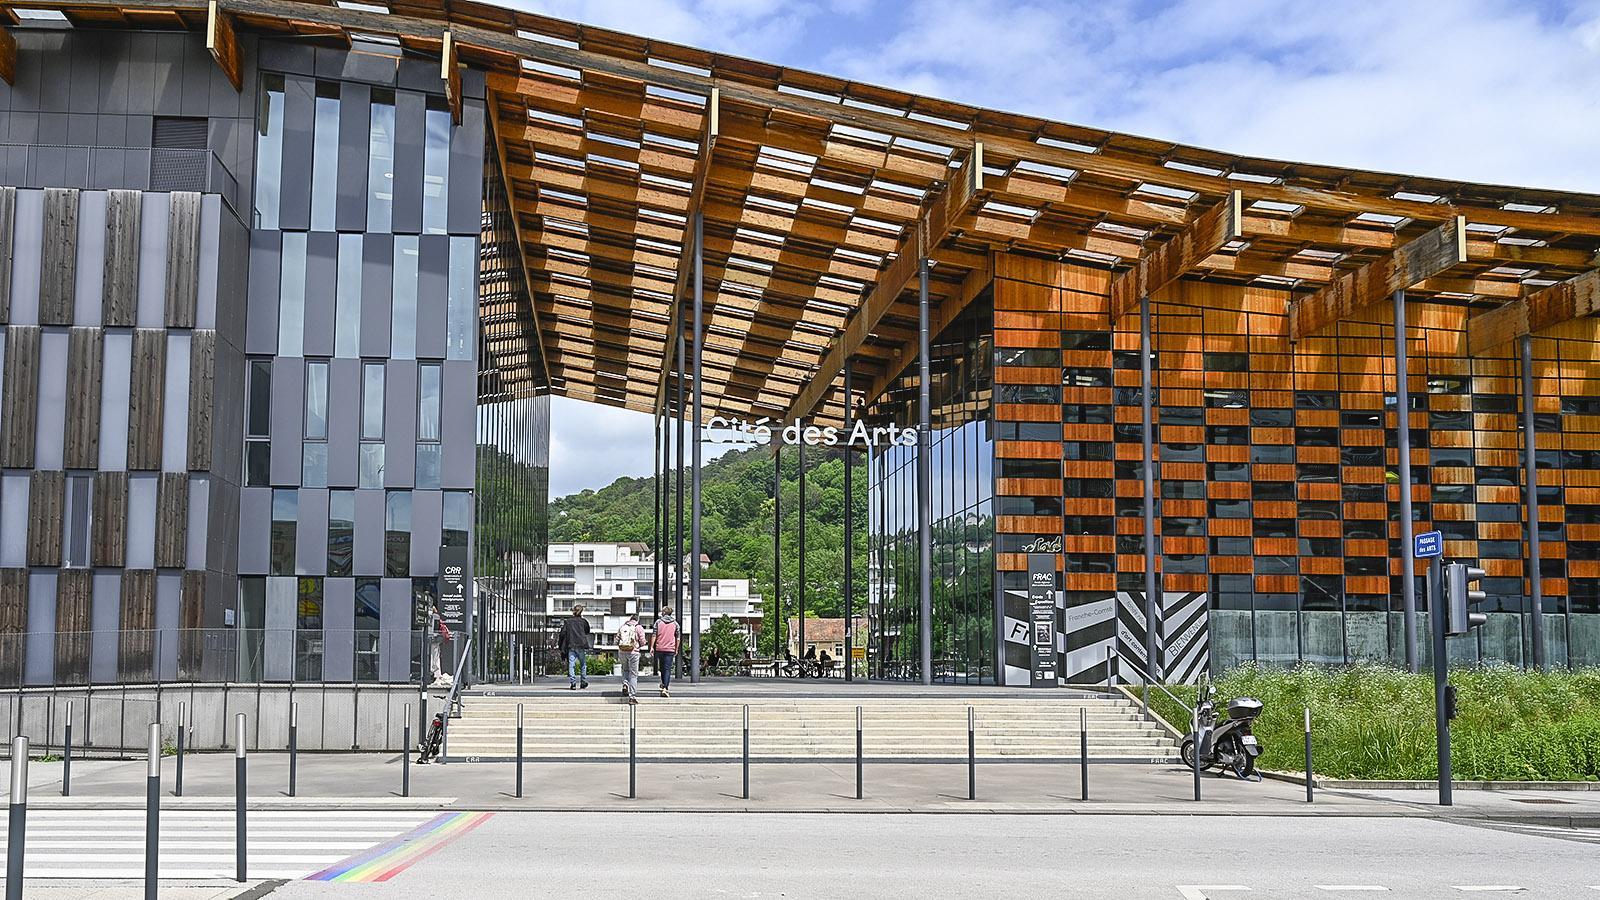 Der FRAC der Franche-Comté birgt die staatliche Kunstsammlung der Region. Foto: Hilke Maunder